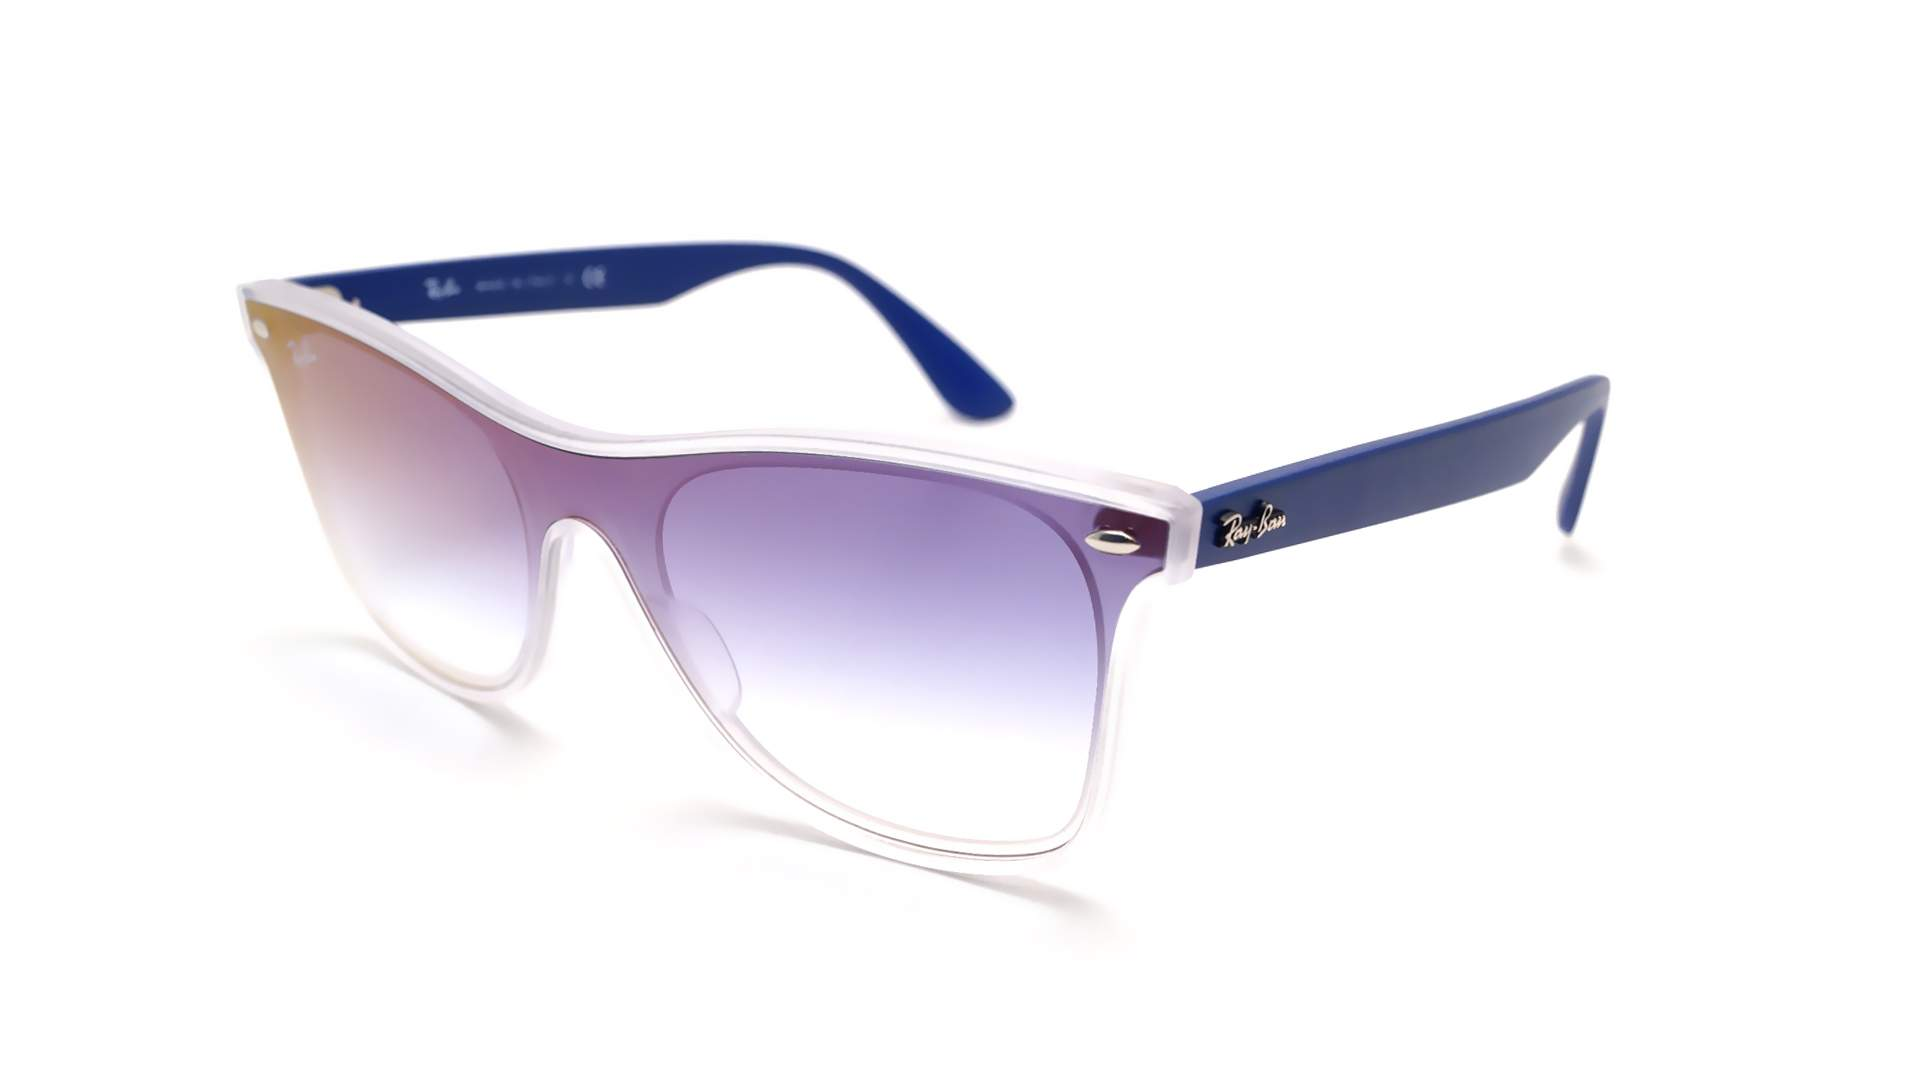 Medium Ray Blaze Wayfarer 41 Ban 18 Miroirs Rb4440n Bleu Dégradés 6356x0 sdCBQtxhr